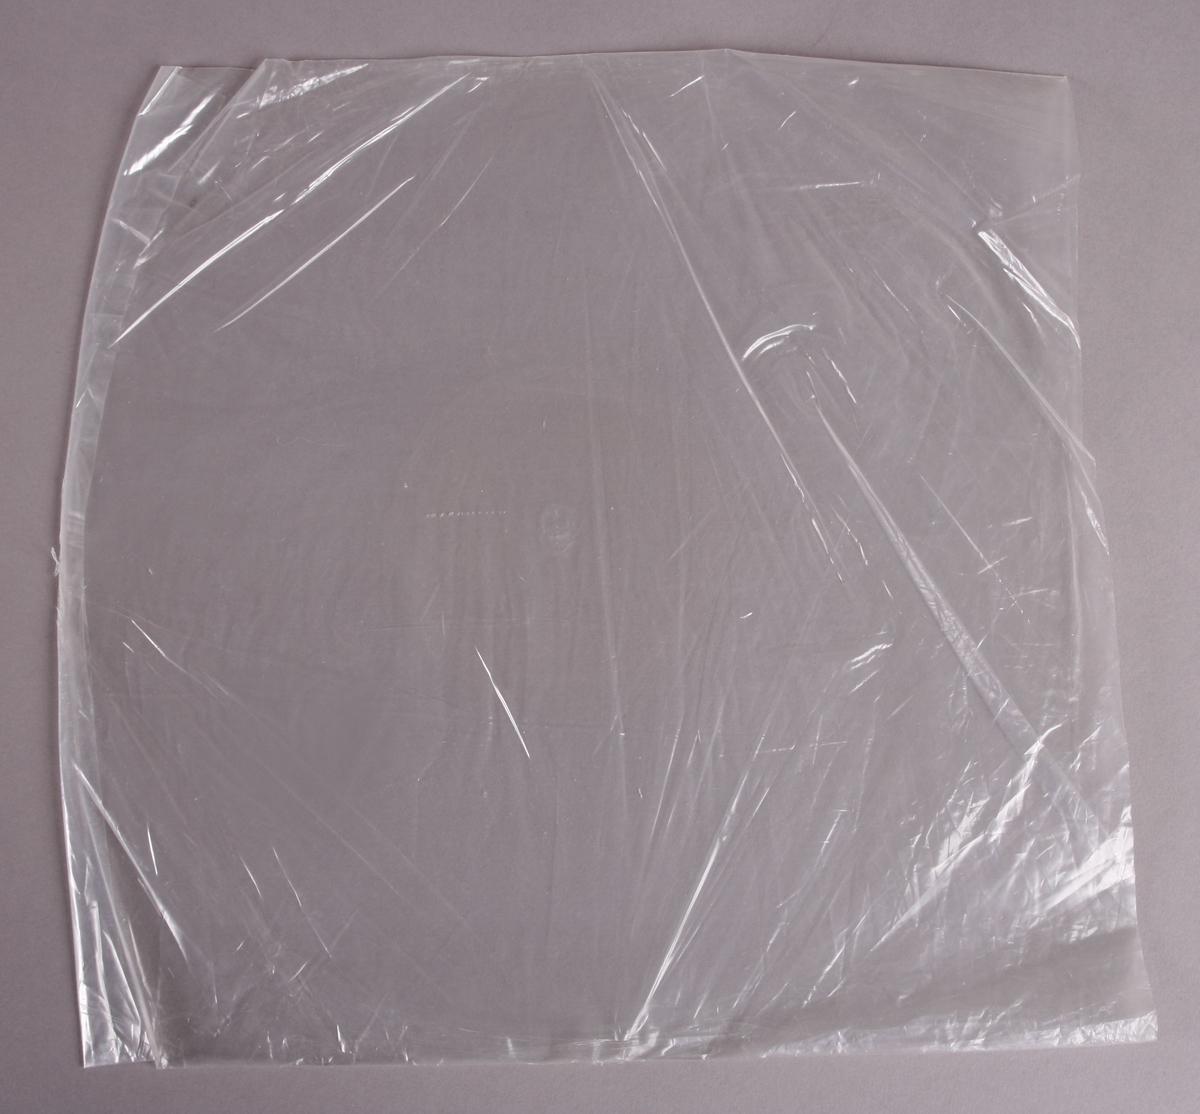 Grammofonplate i svart vinyl med plateomslag av papir. Platen ligger i en Plastlomme. Påskrift med blyant på baksiden av plateomslaget (se bilde).